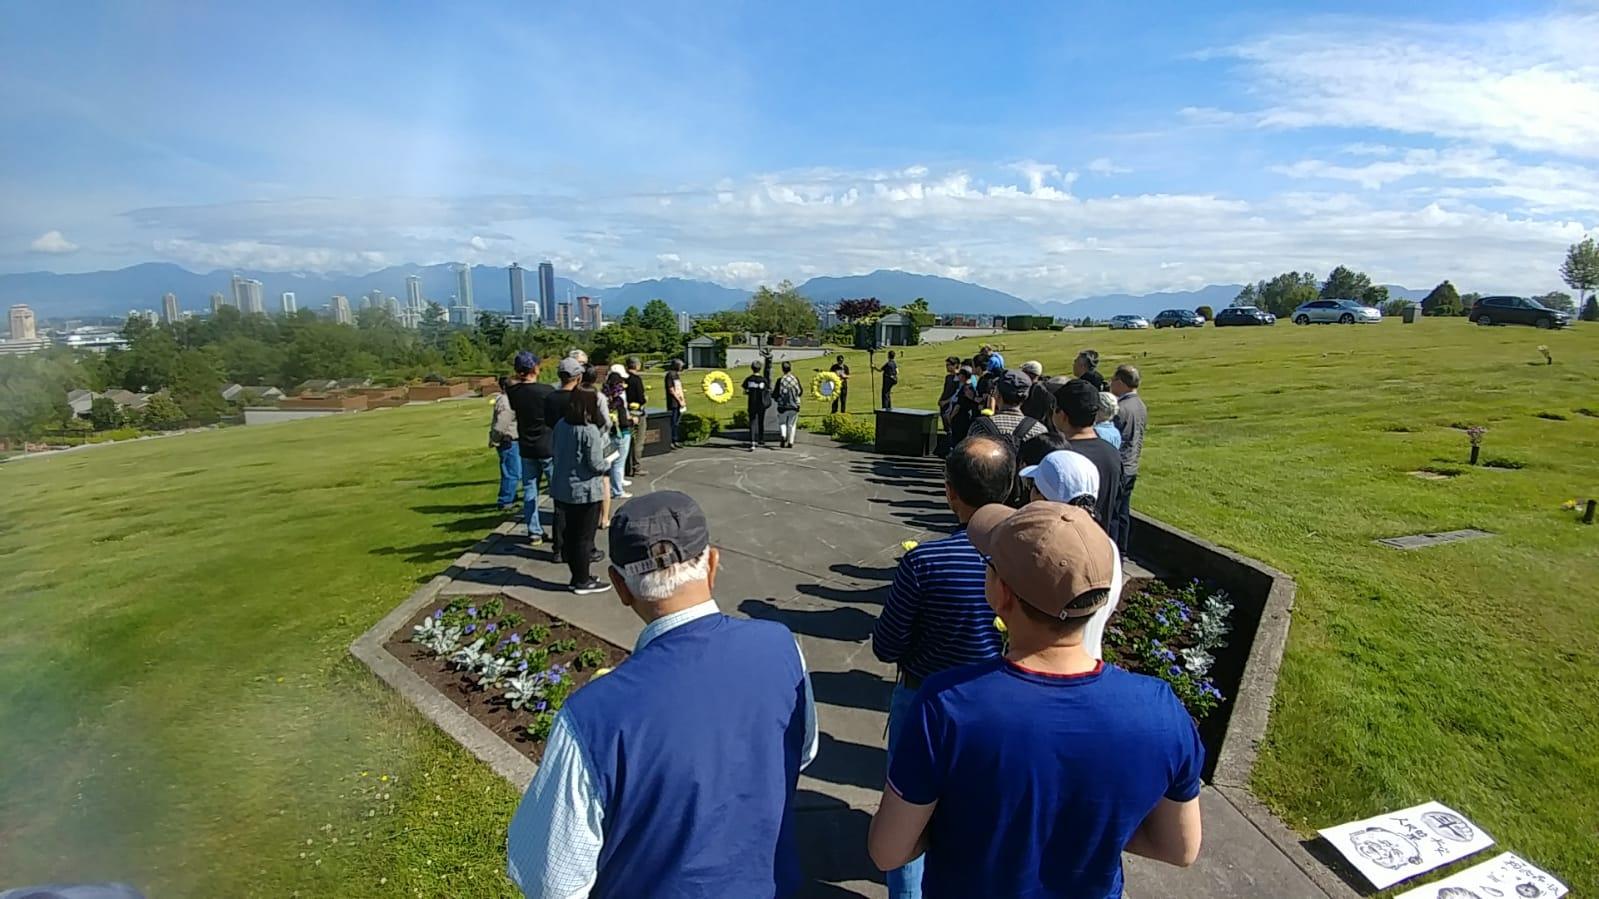 2019年6月2日,温哥华支持民主运动联合会(简称温支联)在科士兰墓园前,举办献花仪式。(记者柳飞)